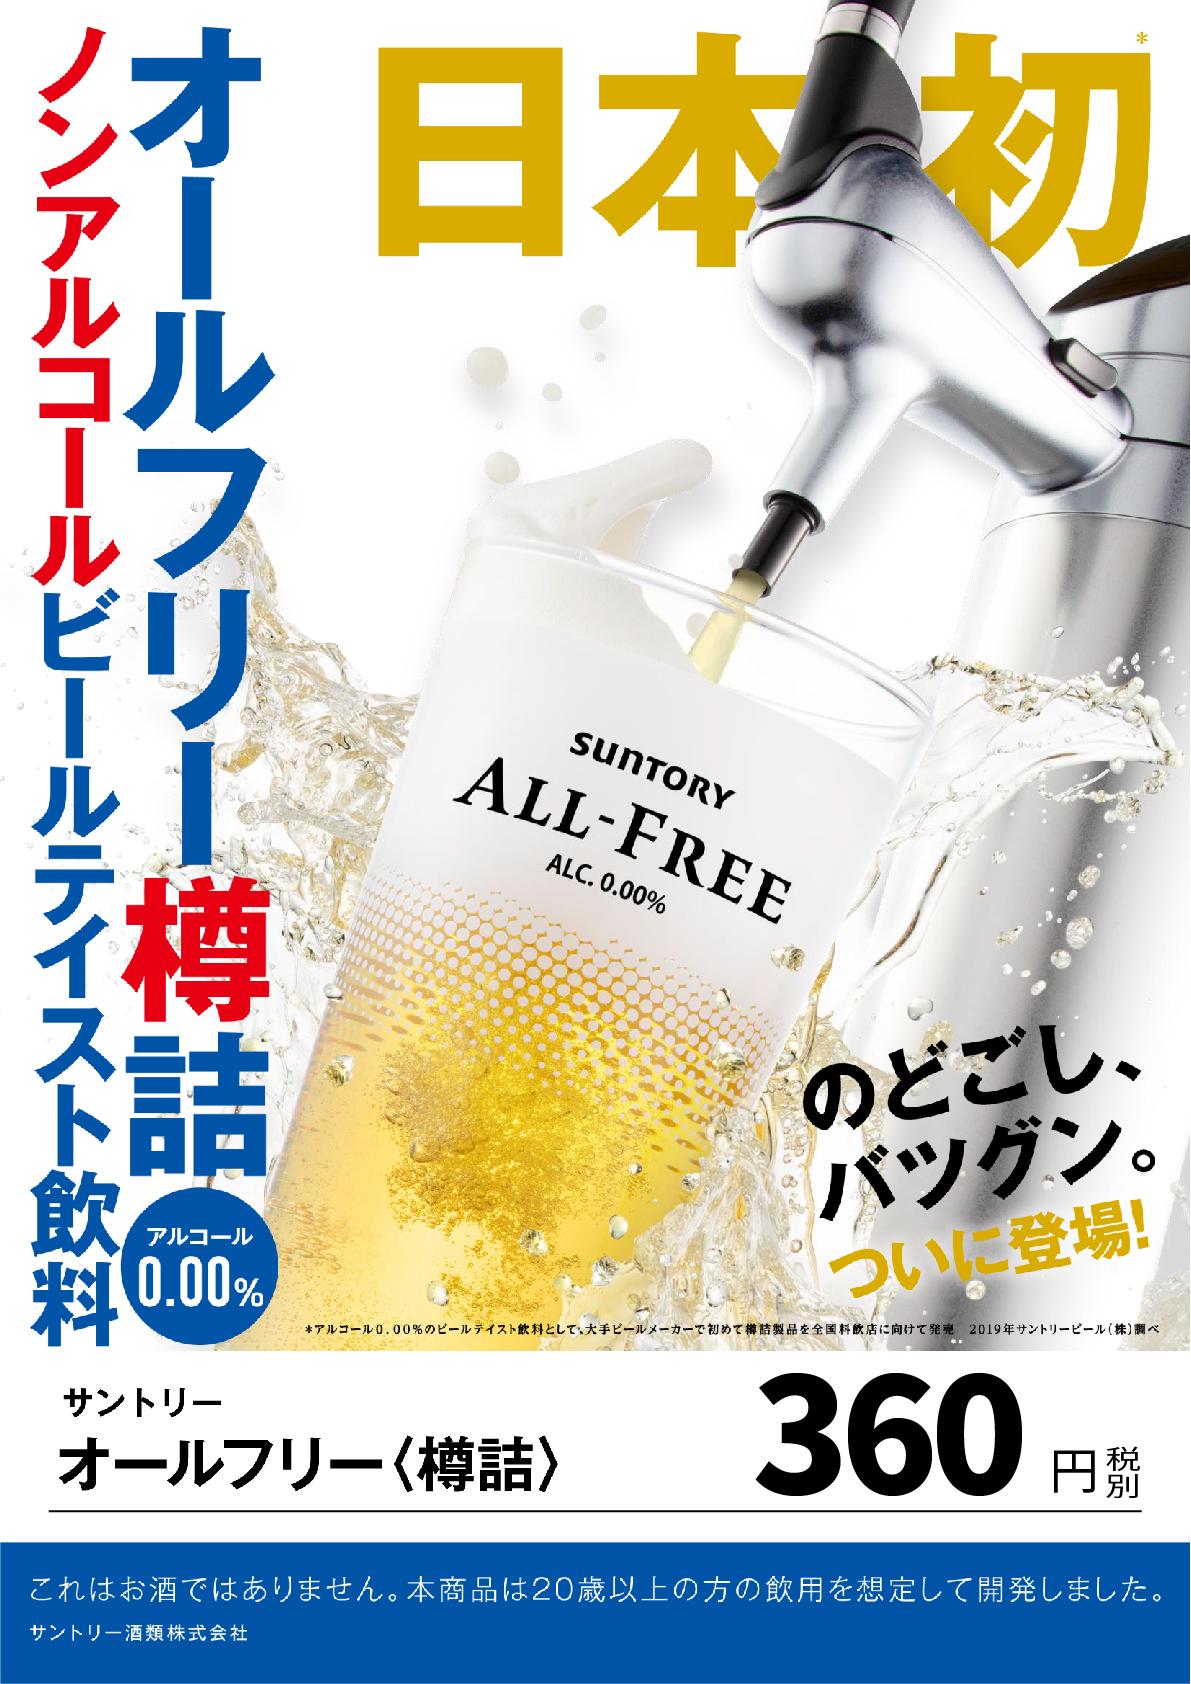 オールフリー樽詰 ノンアルコールビールテイスト飲料